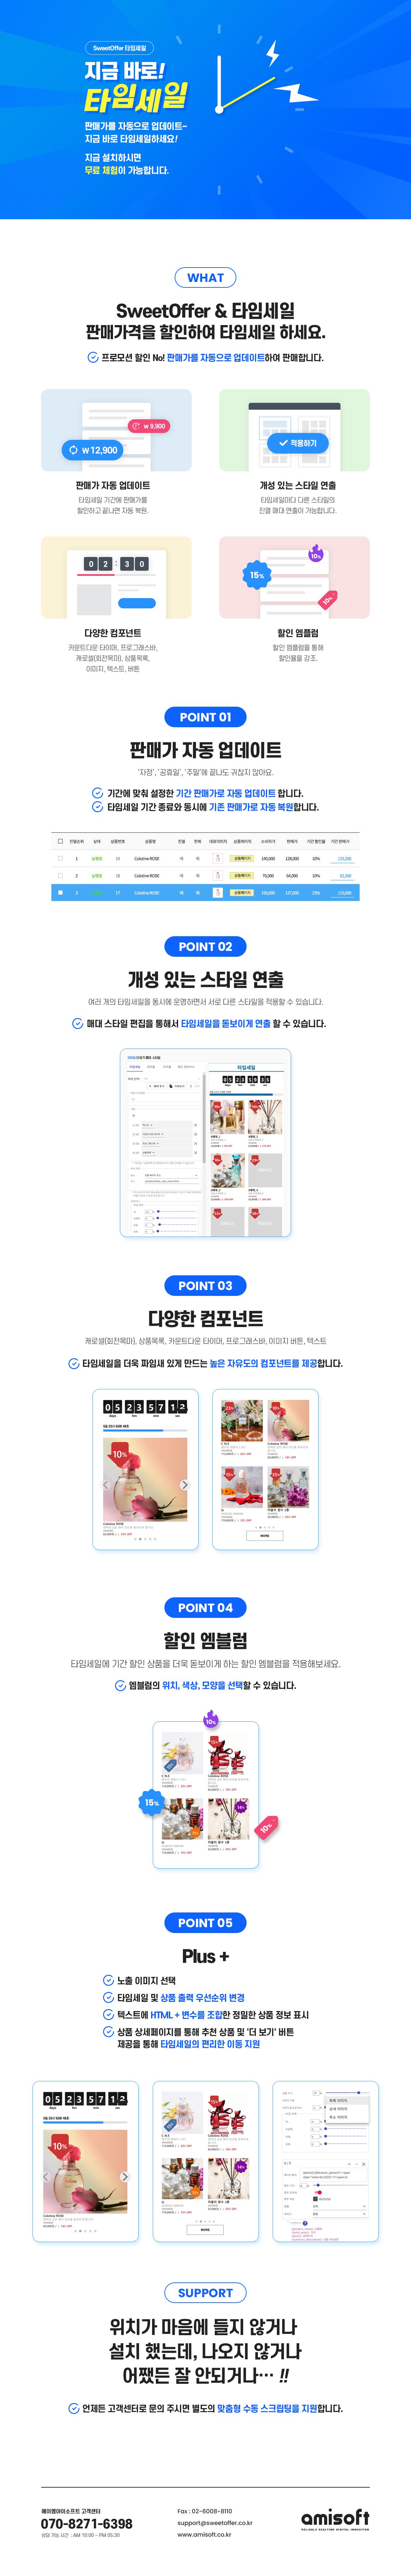 에이엠아이소프트 | amisoft - SweetOffer 타임세일 설명 - Cafe24 앱스토어